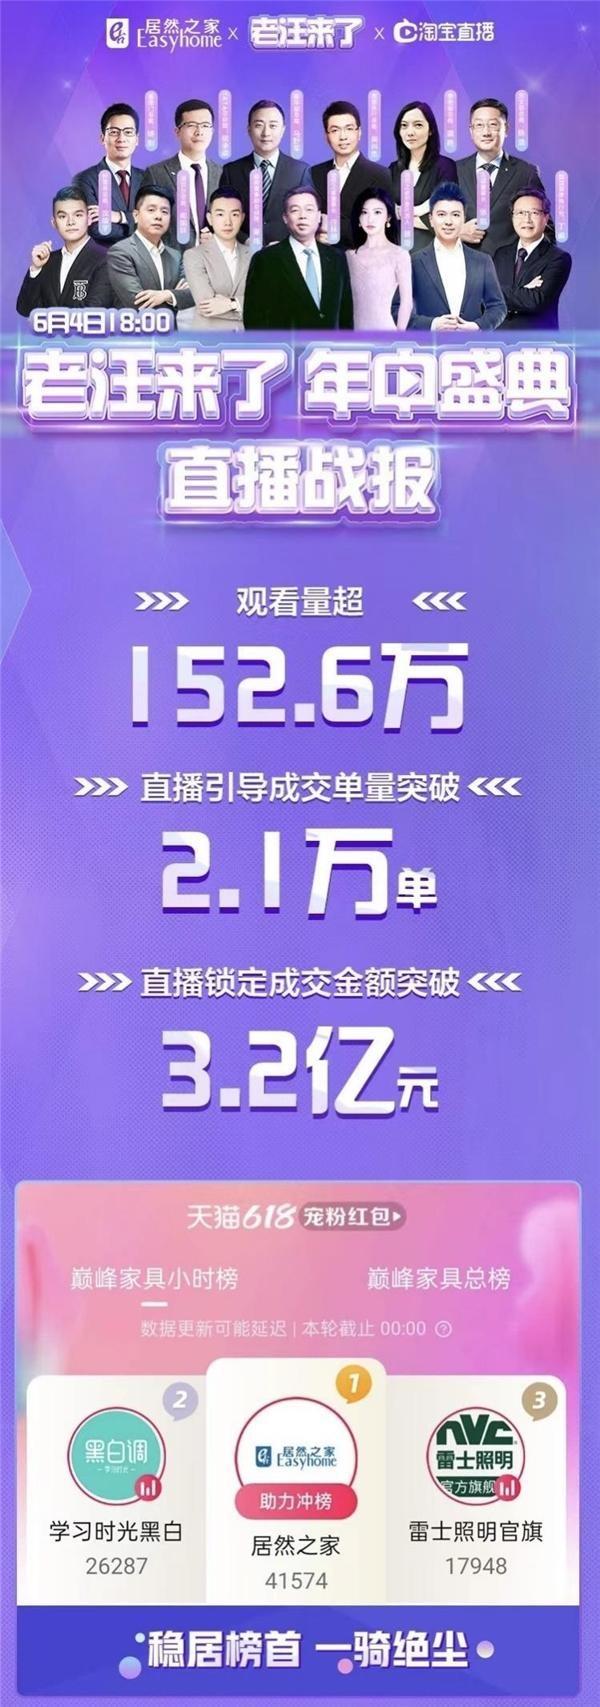 6·18线上线下全域共振 居然之家销售额破79亿 引导成交激增219%